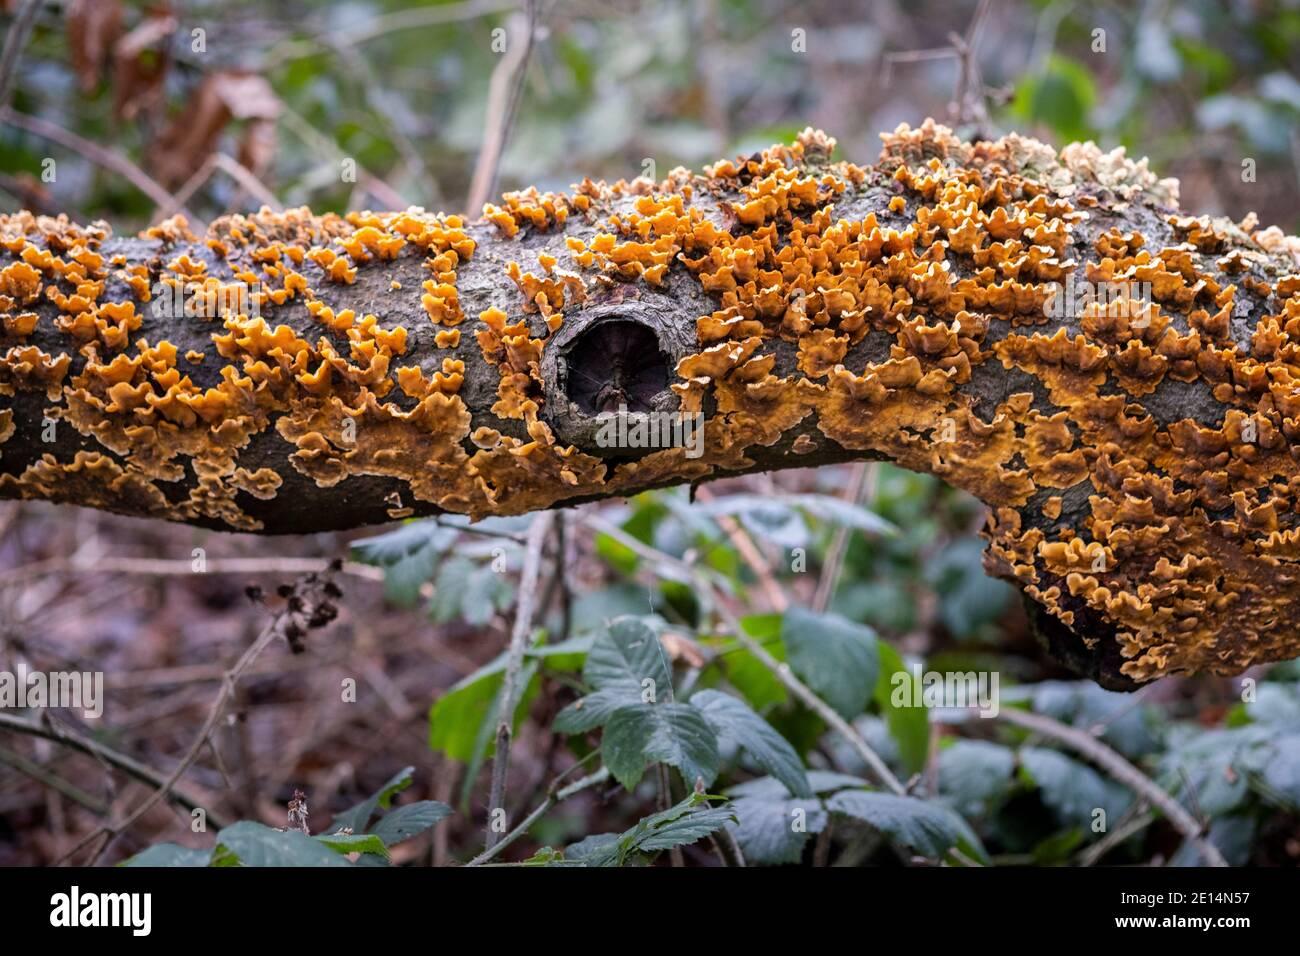 Primer plano de Intrecate modeló el crecimiento de hongos en un árbol caído en un bosque inglés, Worcestershire, Reino Unido. Foto de stock